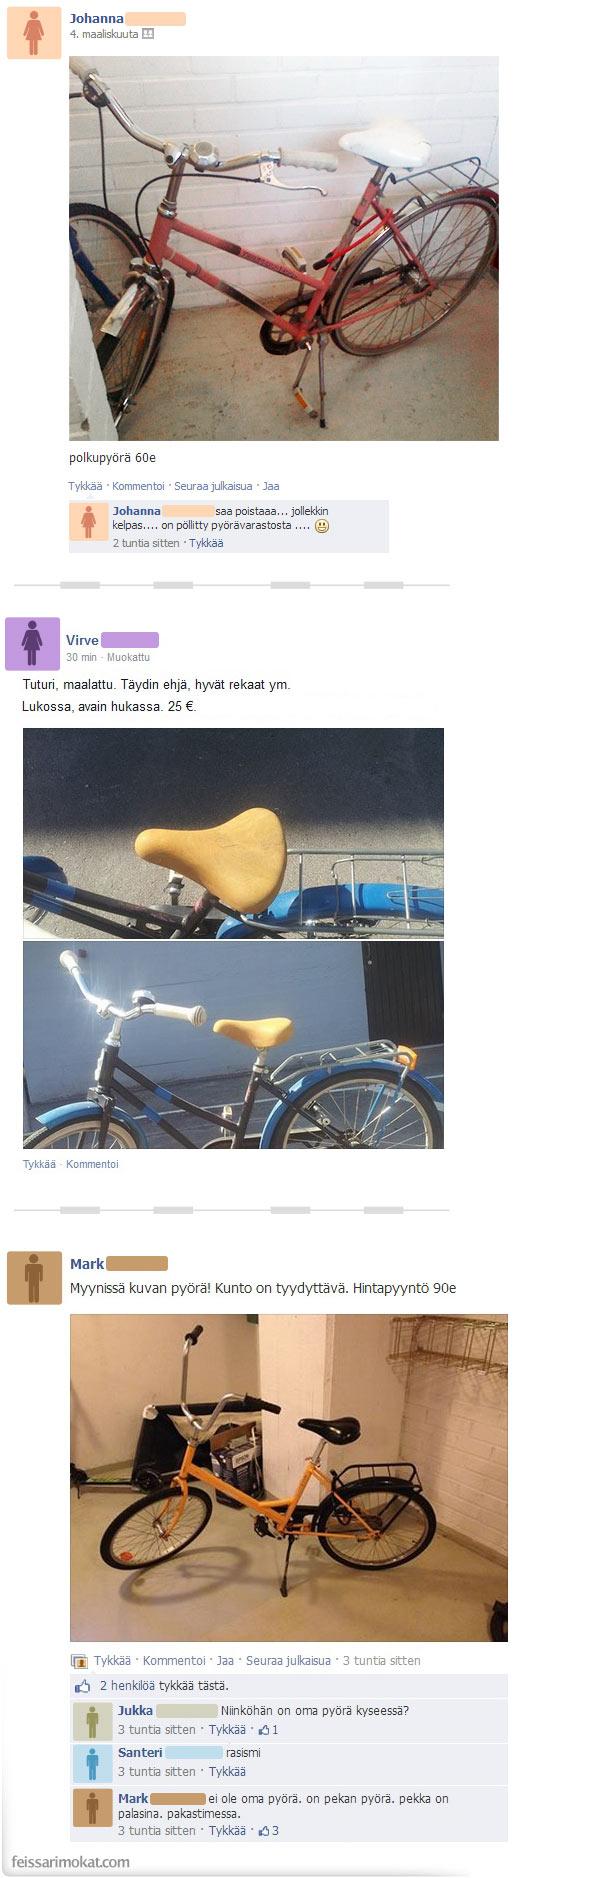 Pyöräkauppa käy